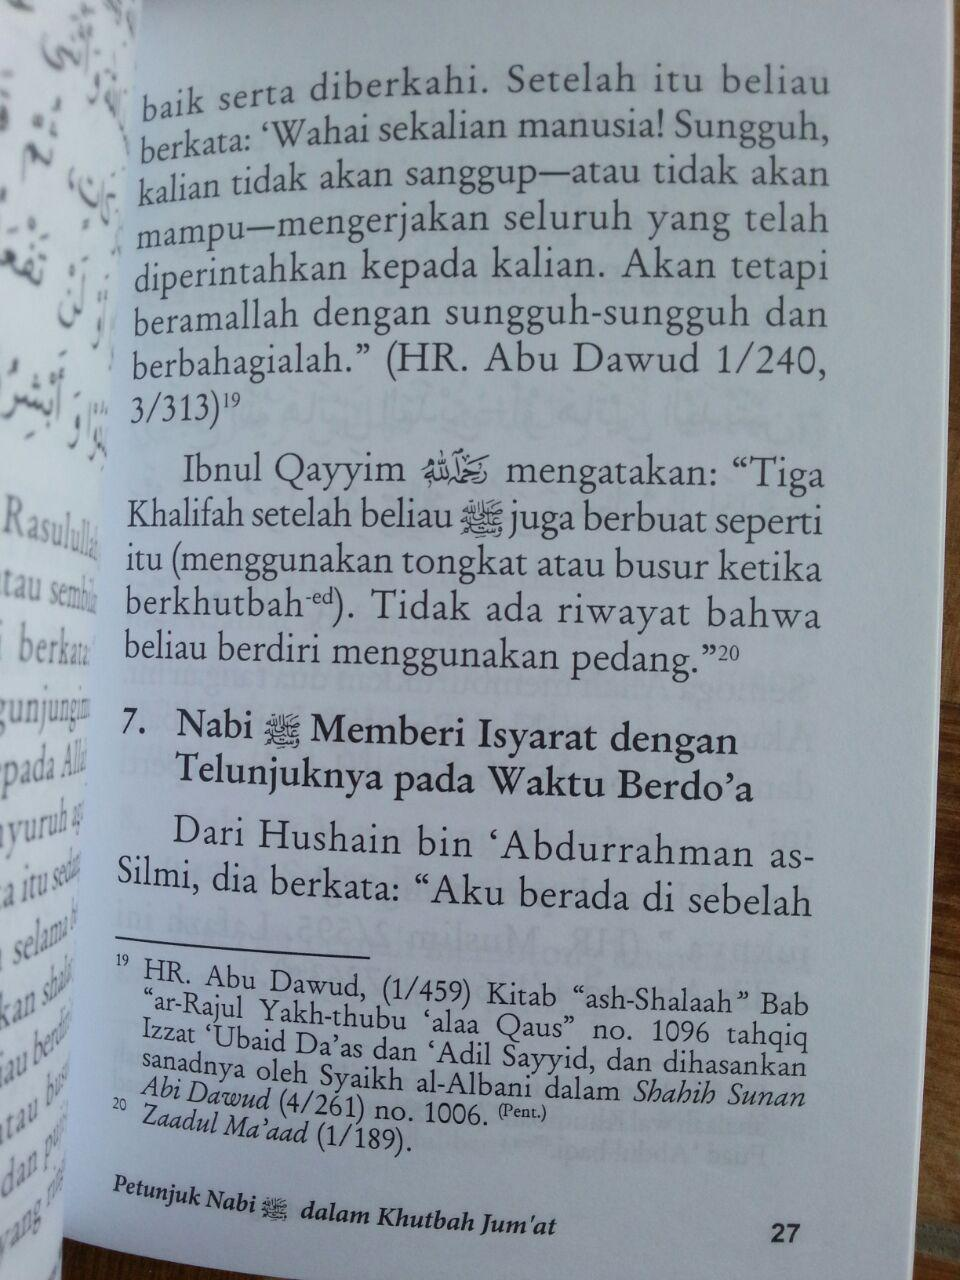 Buku Petunjuk Nabi Dalam Khutbah Jumat isi 3